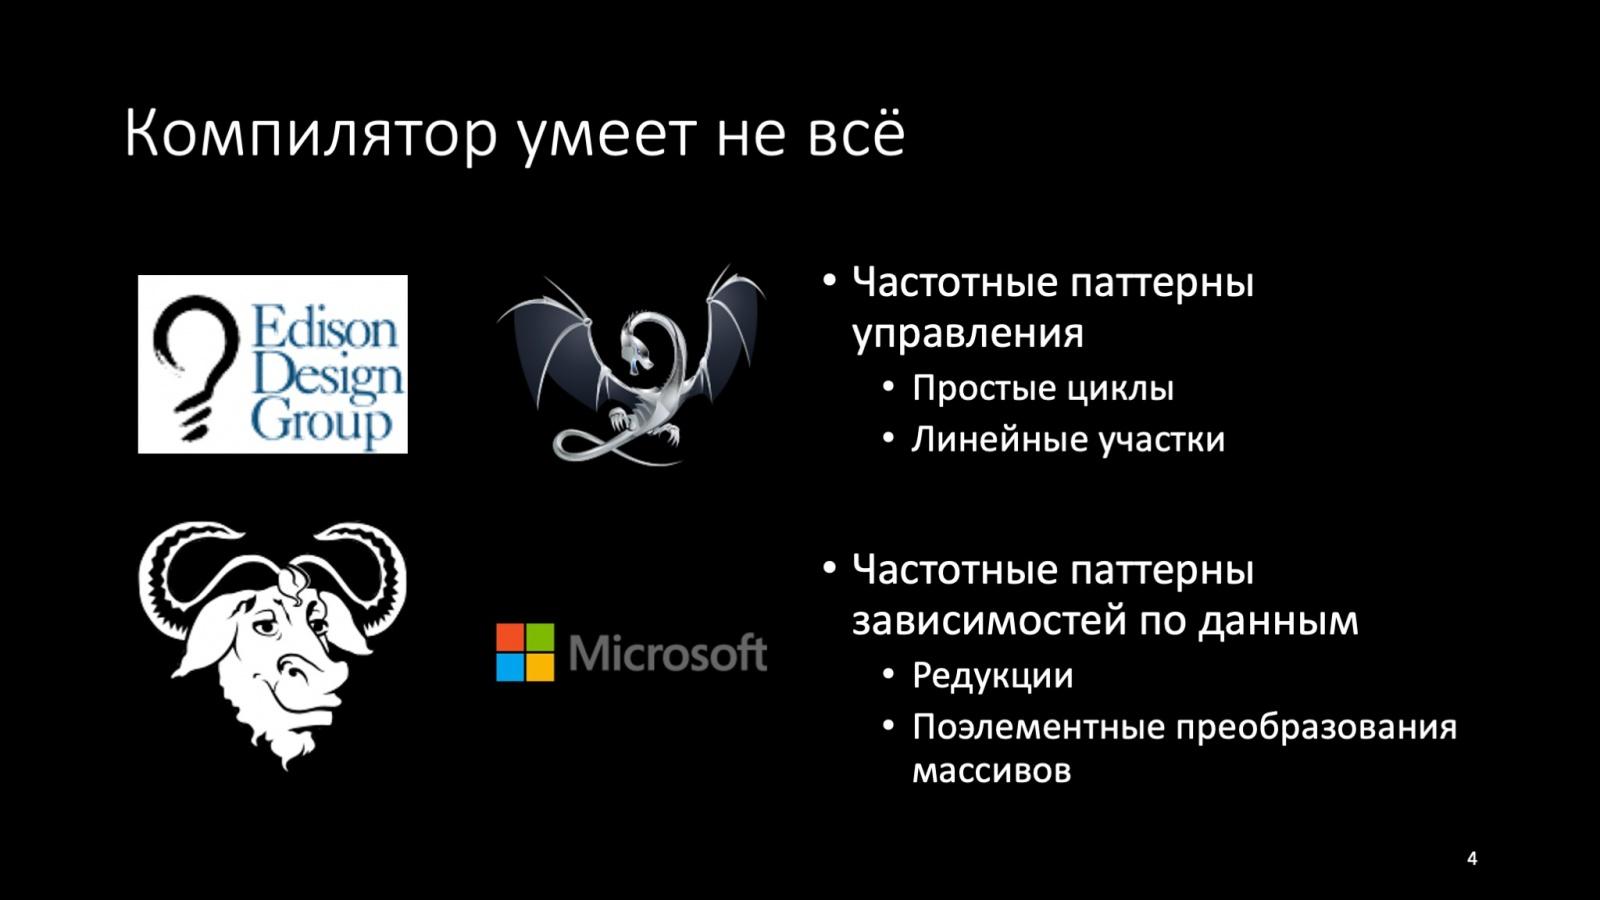 Оптимизация C++: совмещаем скорость и высокий уровень. Доклад Яндекса - 4